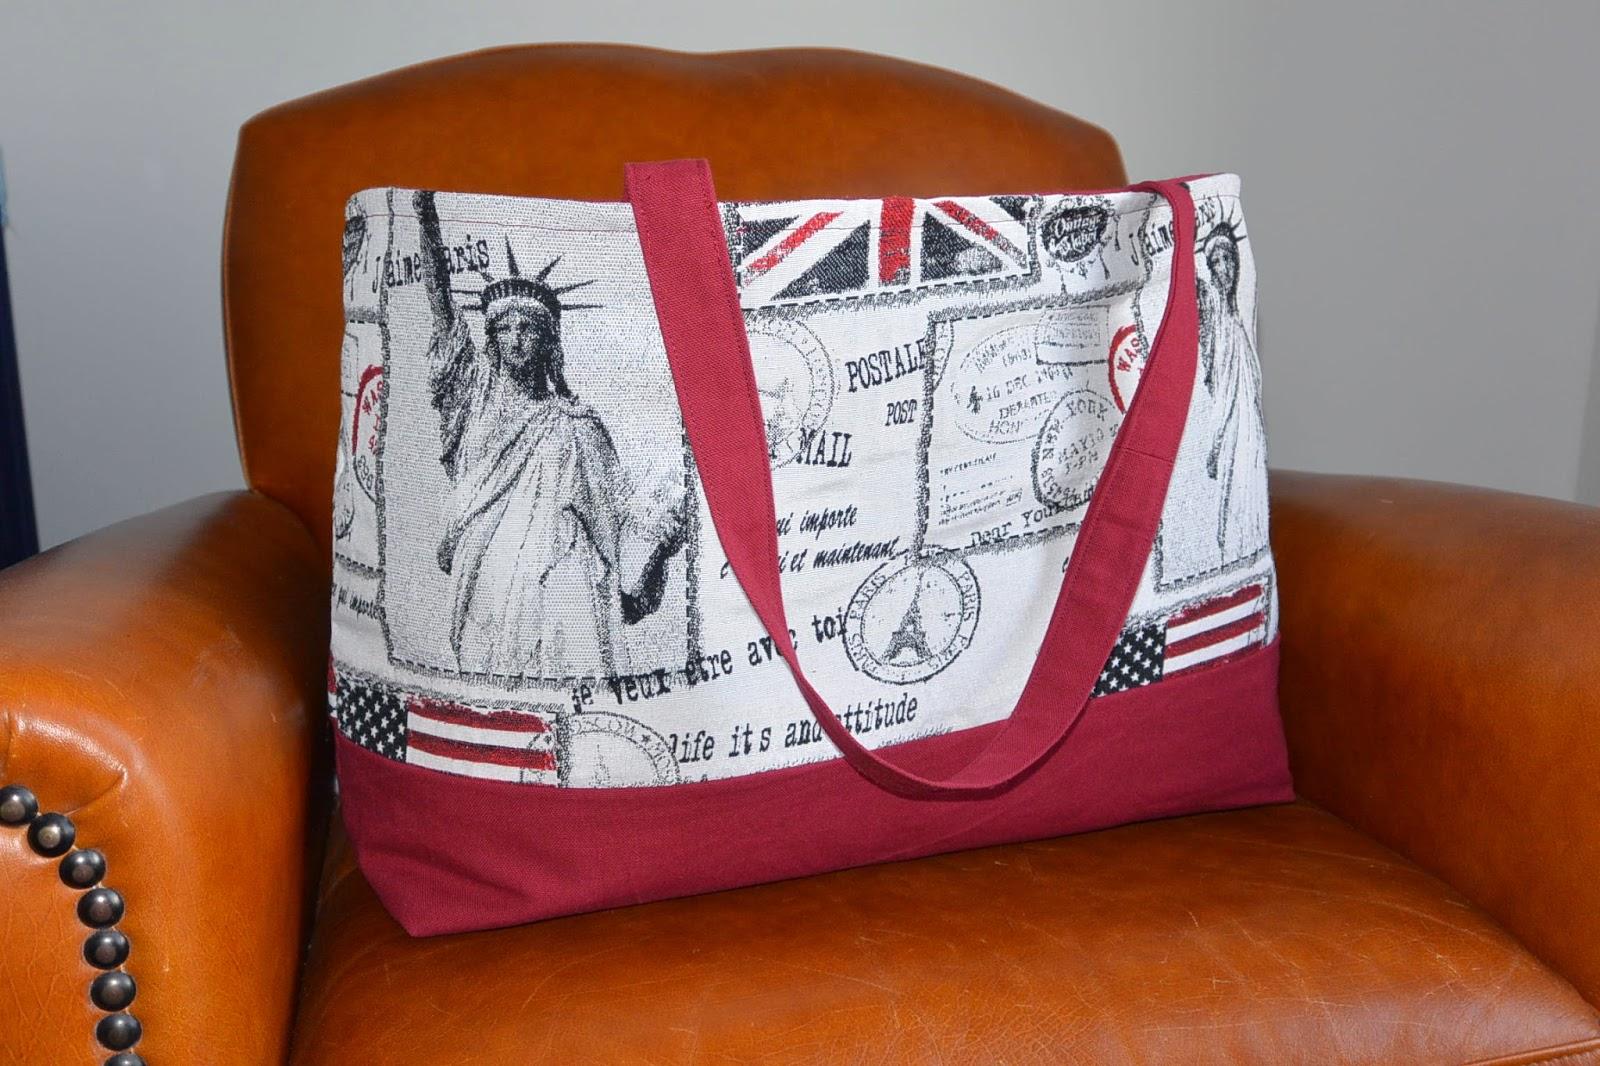 sac shopping ou de plage Voyage USA/UK, tissu jacquard et coton rouge bordeaux, anses et poche interieure fermeture éclair